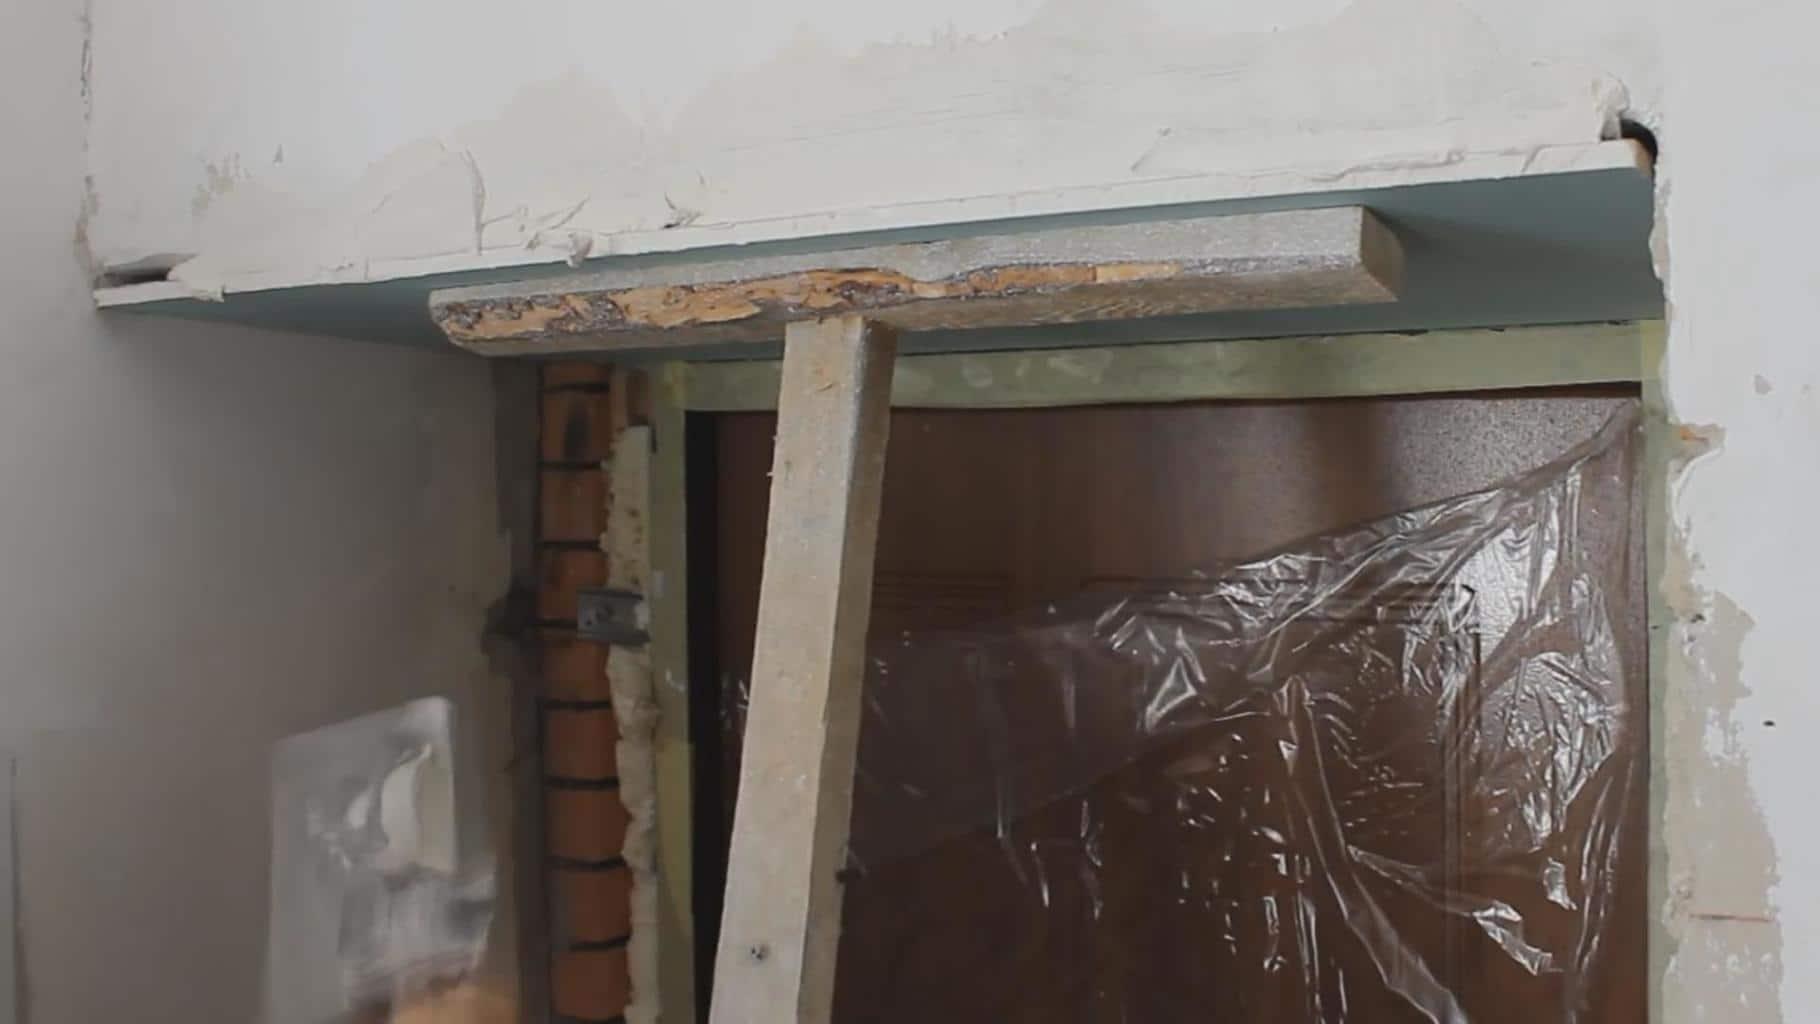 Штукатурка откосов окон и дверей внутри квартиры и снаружи